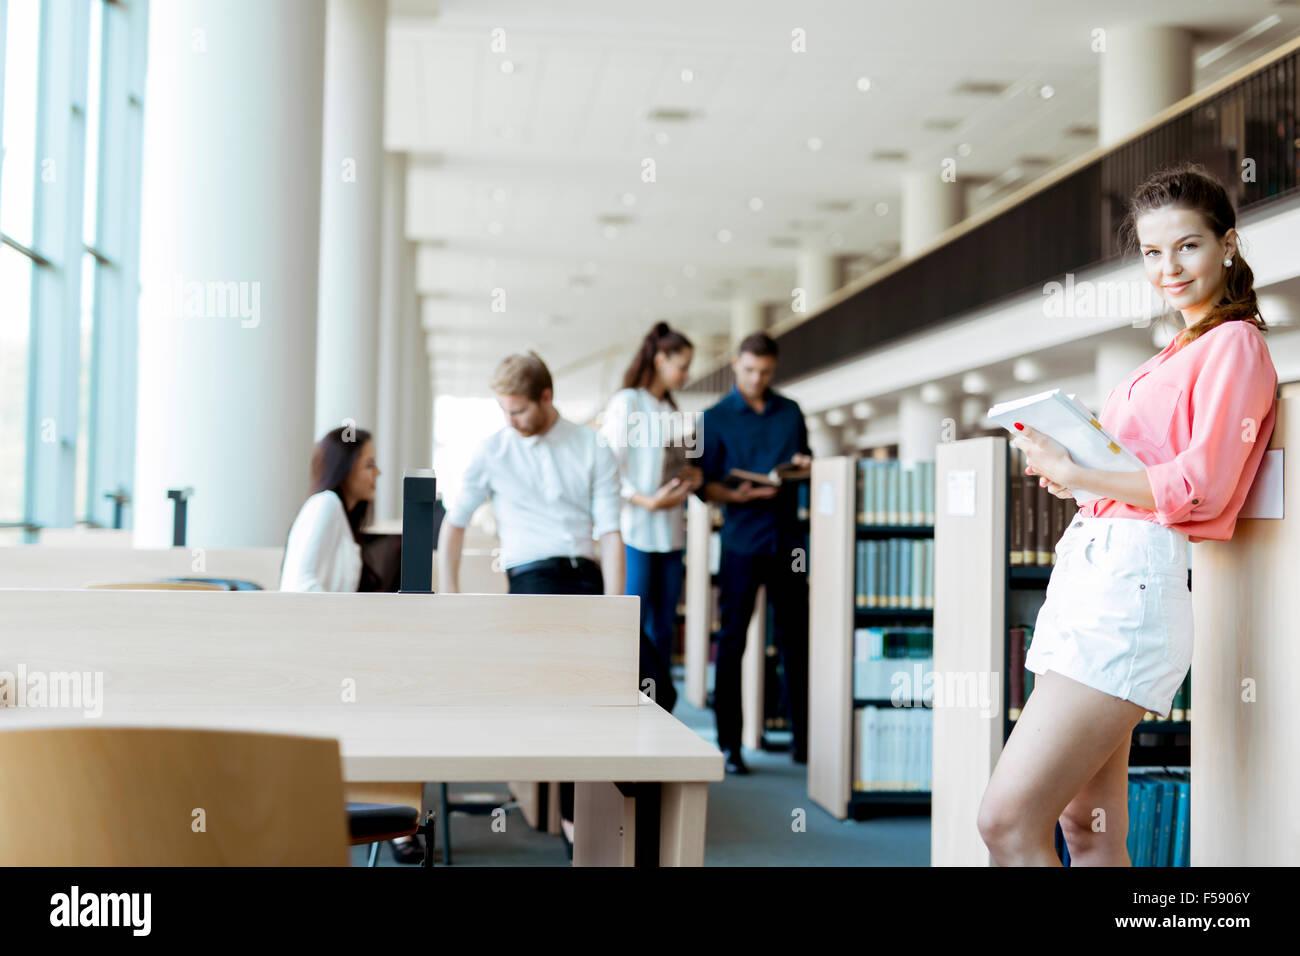 Un groupe d'universitaires qui étudient dans la bibliothèque et la conversation dans un esprit positif Photo Stock